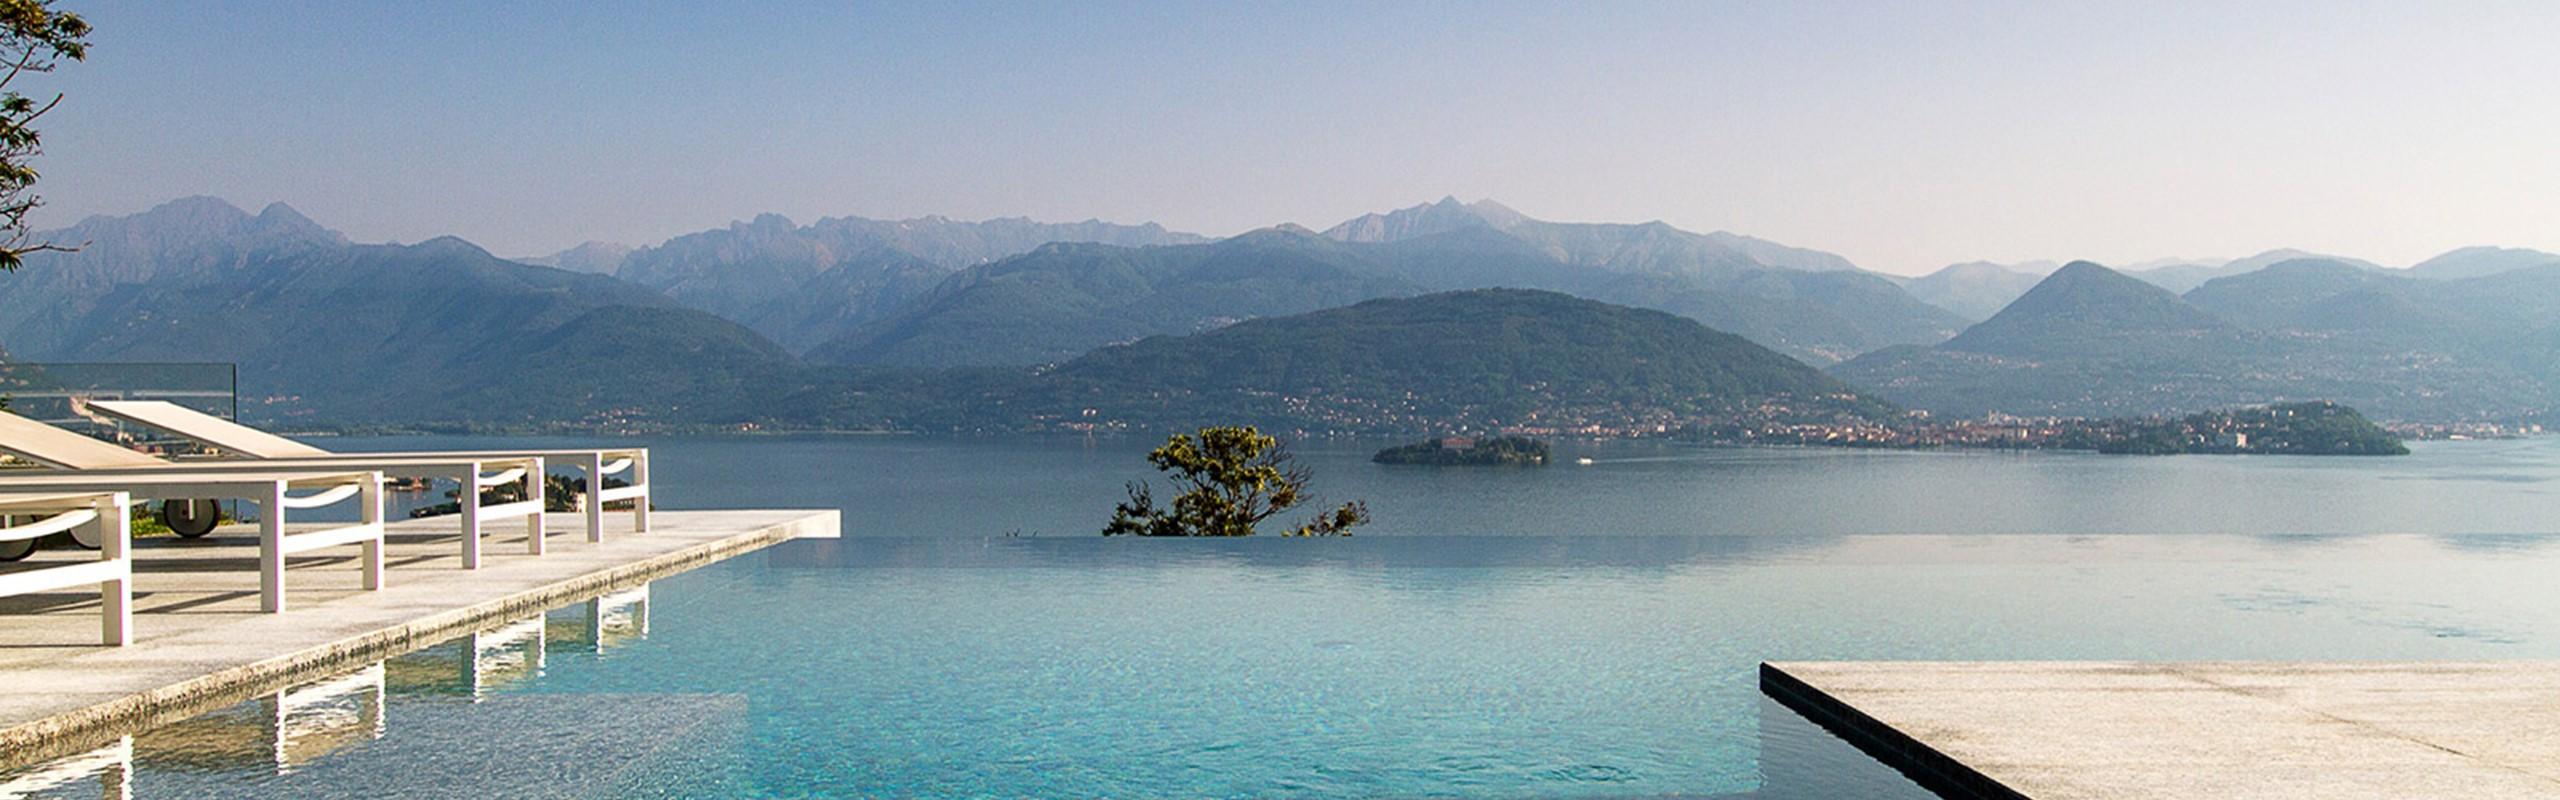 Lake Maggiore 4